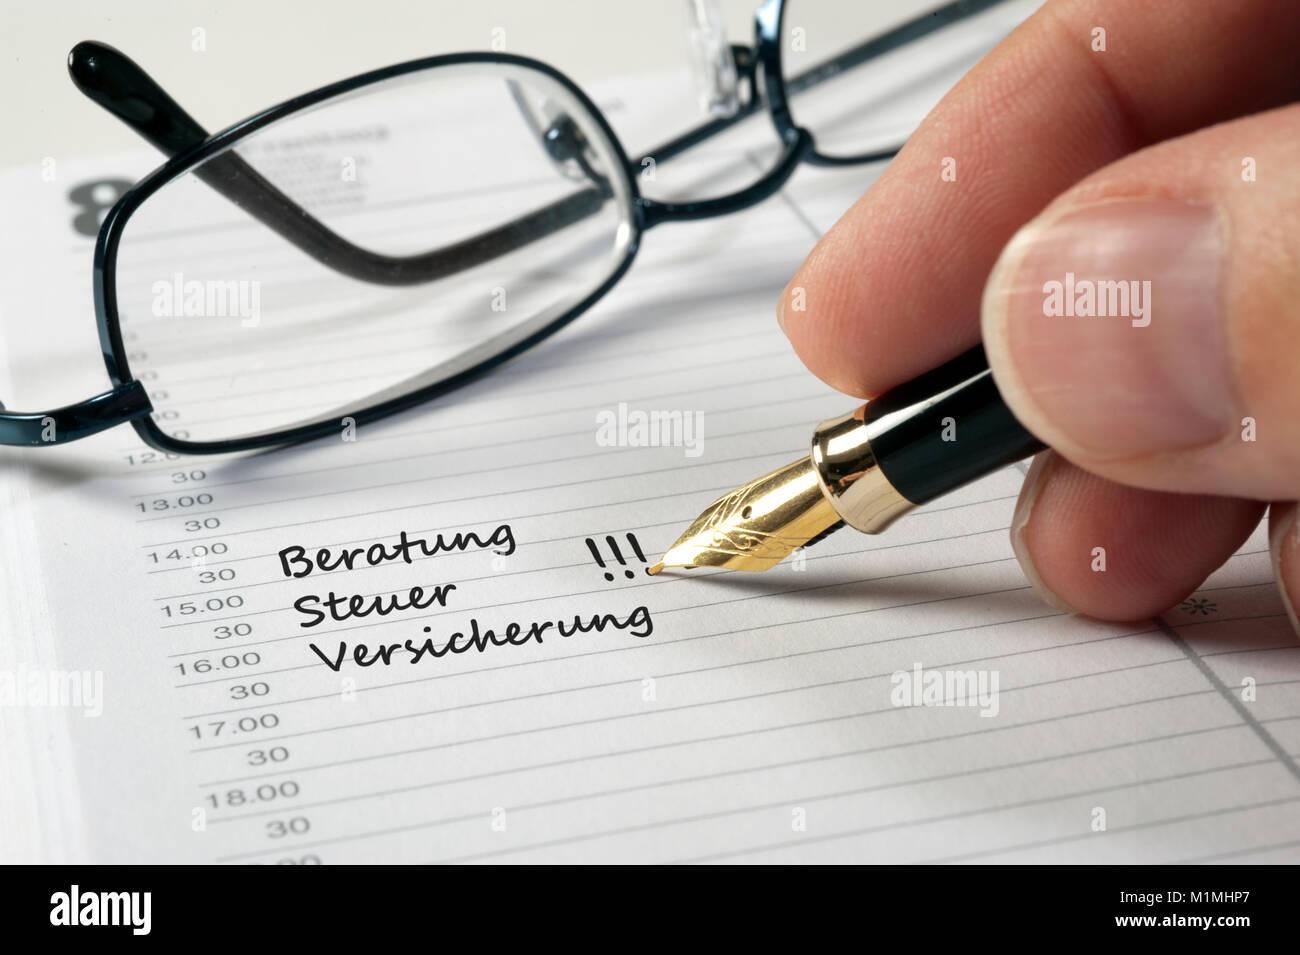 Terminplaner mit Eintrag Beratung - Stock Image